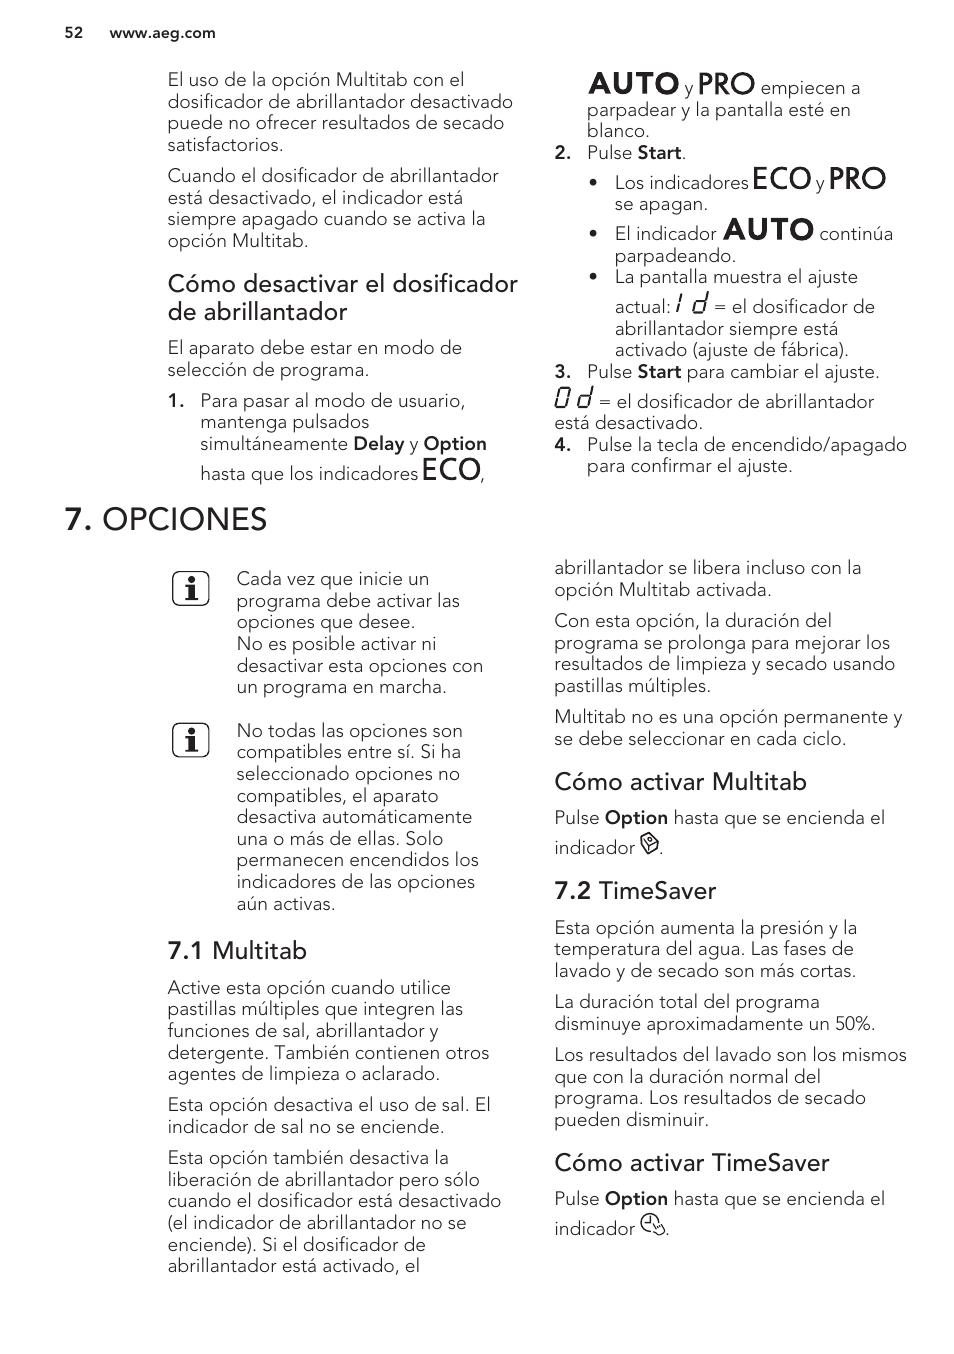 Cómo desactivar el dosificador de abrillantador, Opciones, 1 multitab |  Cómo activar multitab,